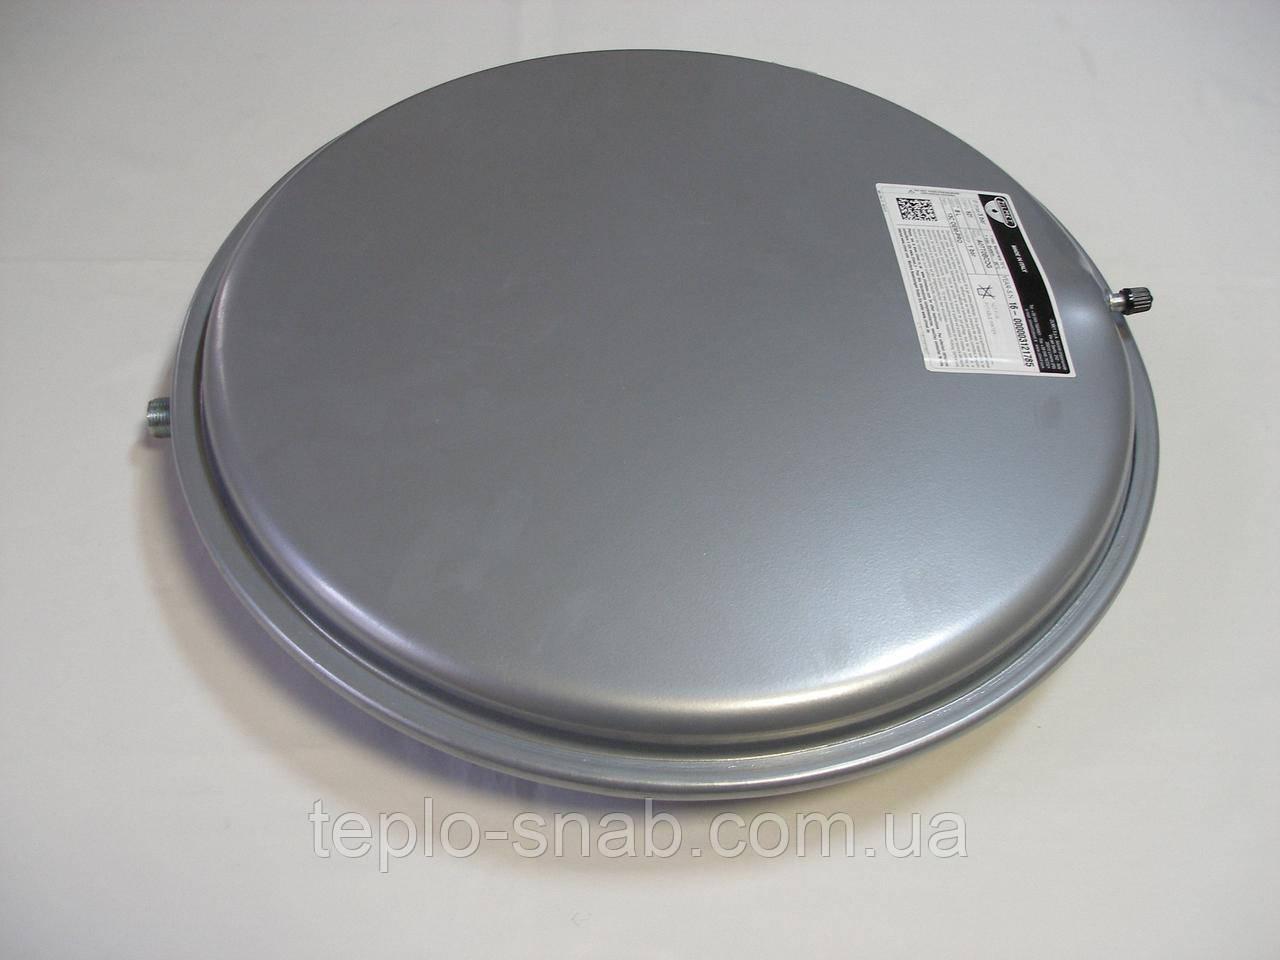 Расширительный бак (круглый) Ariston Class, TX, BS, Egis, Uno дымоходной версии - 65104261